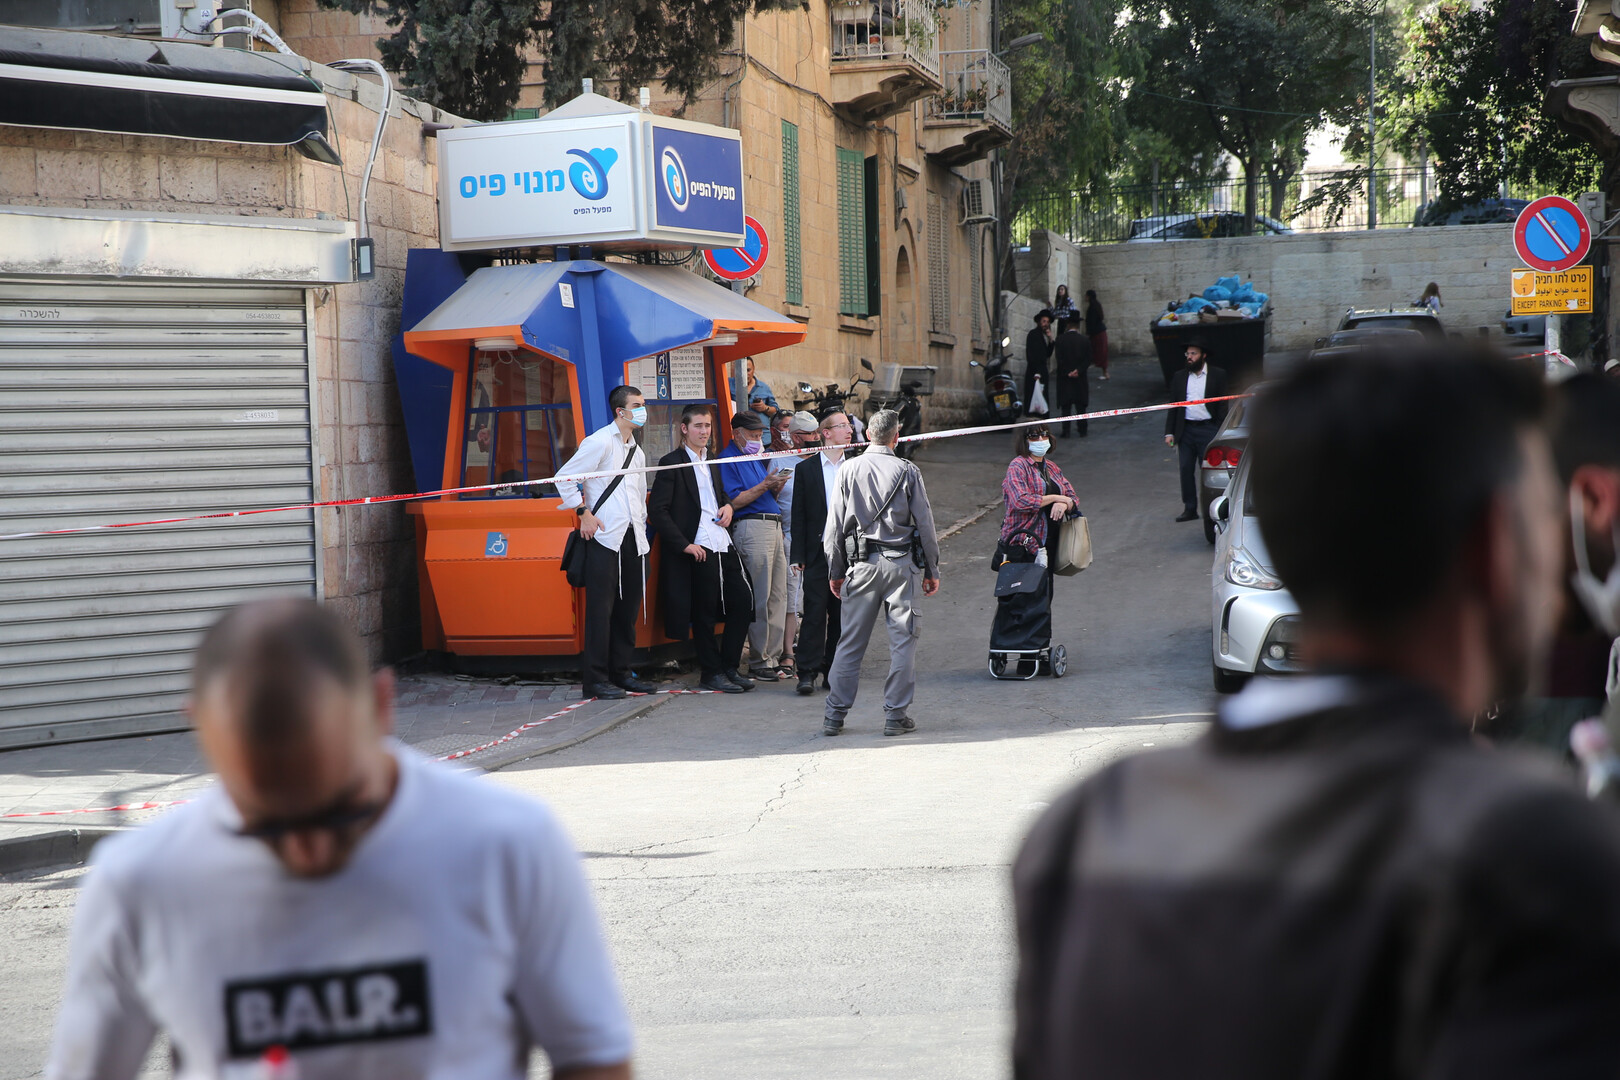 تعرض سائق حافلة فلسطيني للطعن في القدس على يد شبان يهود